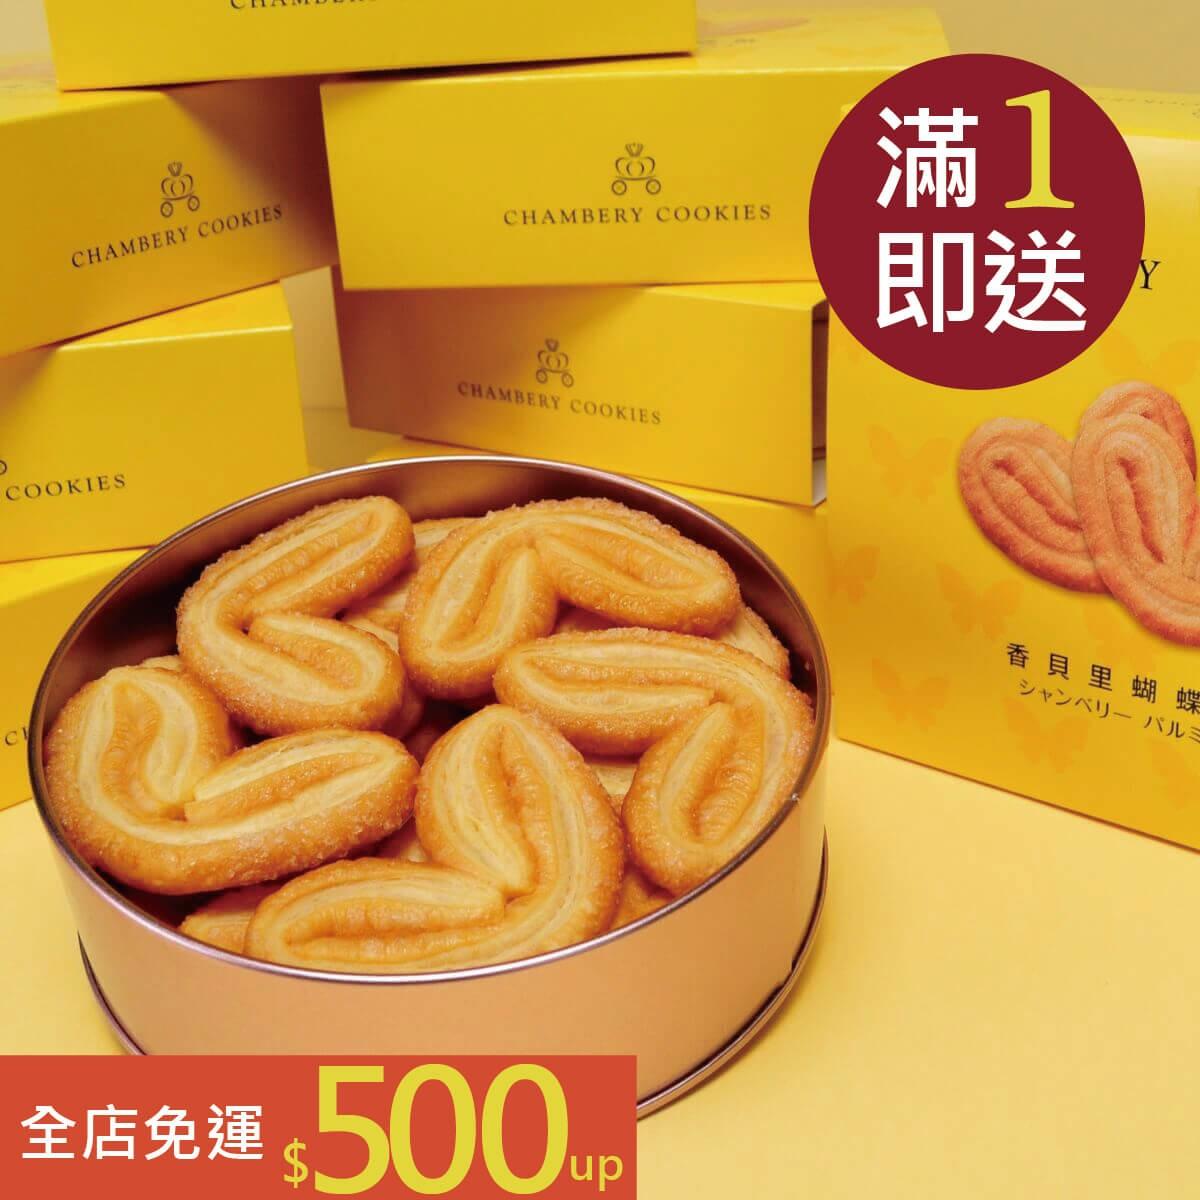 【滿500免運】【蝴蝶酥鐵盒<送>圓罐餅乾】附提袋 / 伴手禮 / 禮盒 / 團購 / 端午禮盒